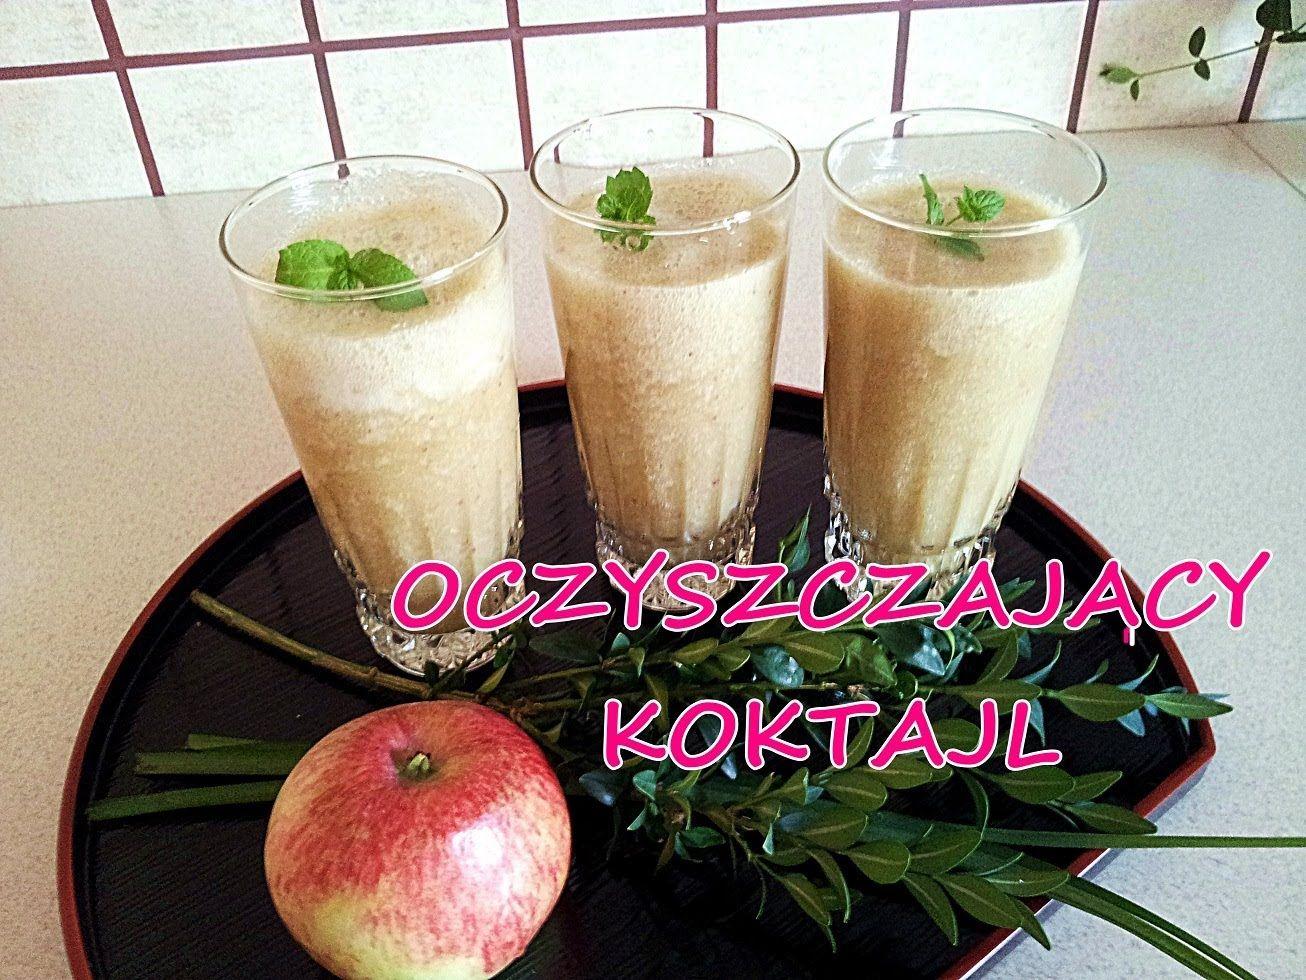 Odchudzajacy Oczyszczajacy Koktajl Sok Jablkowy Dieta Okinawa Cud